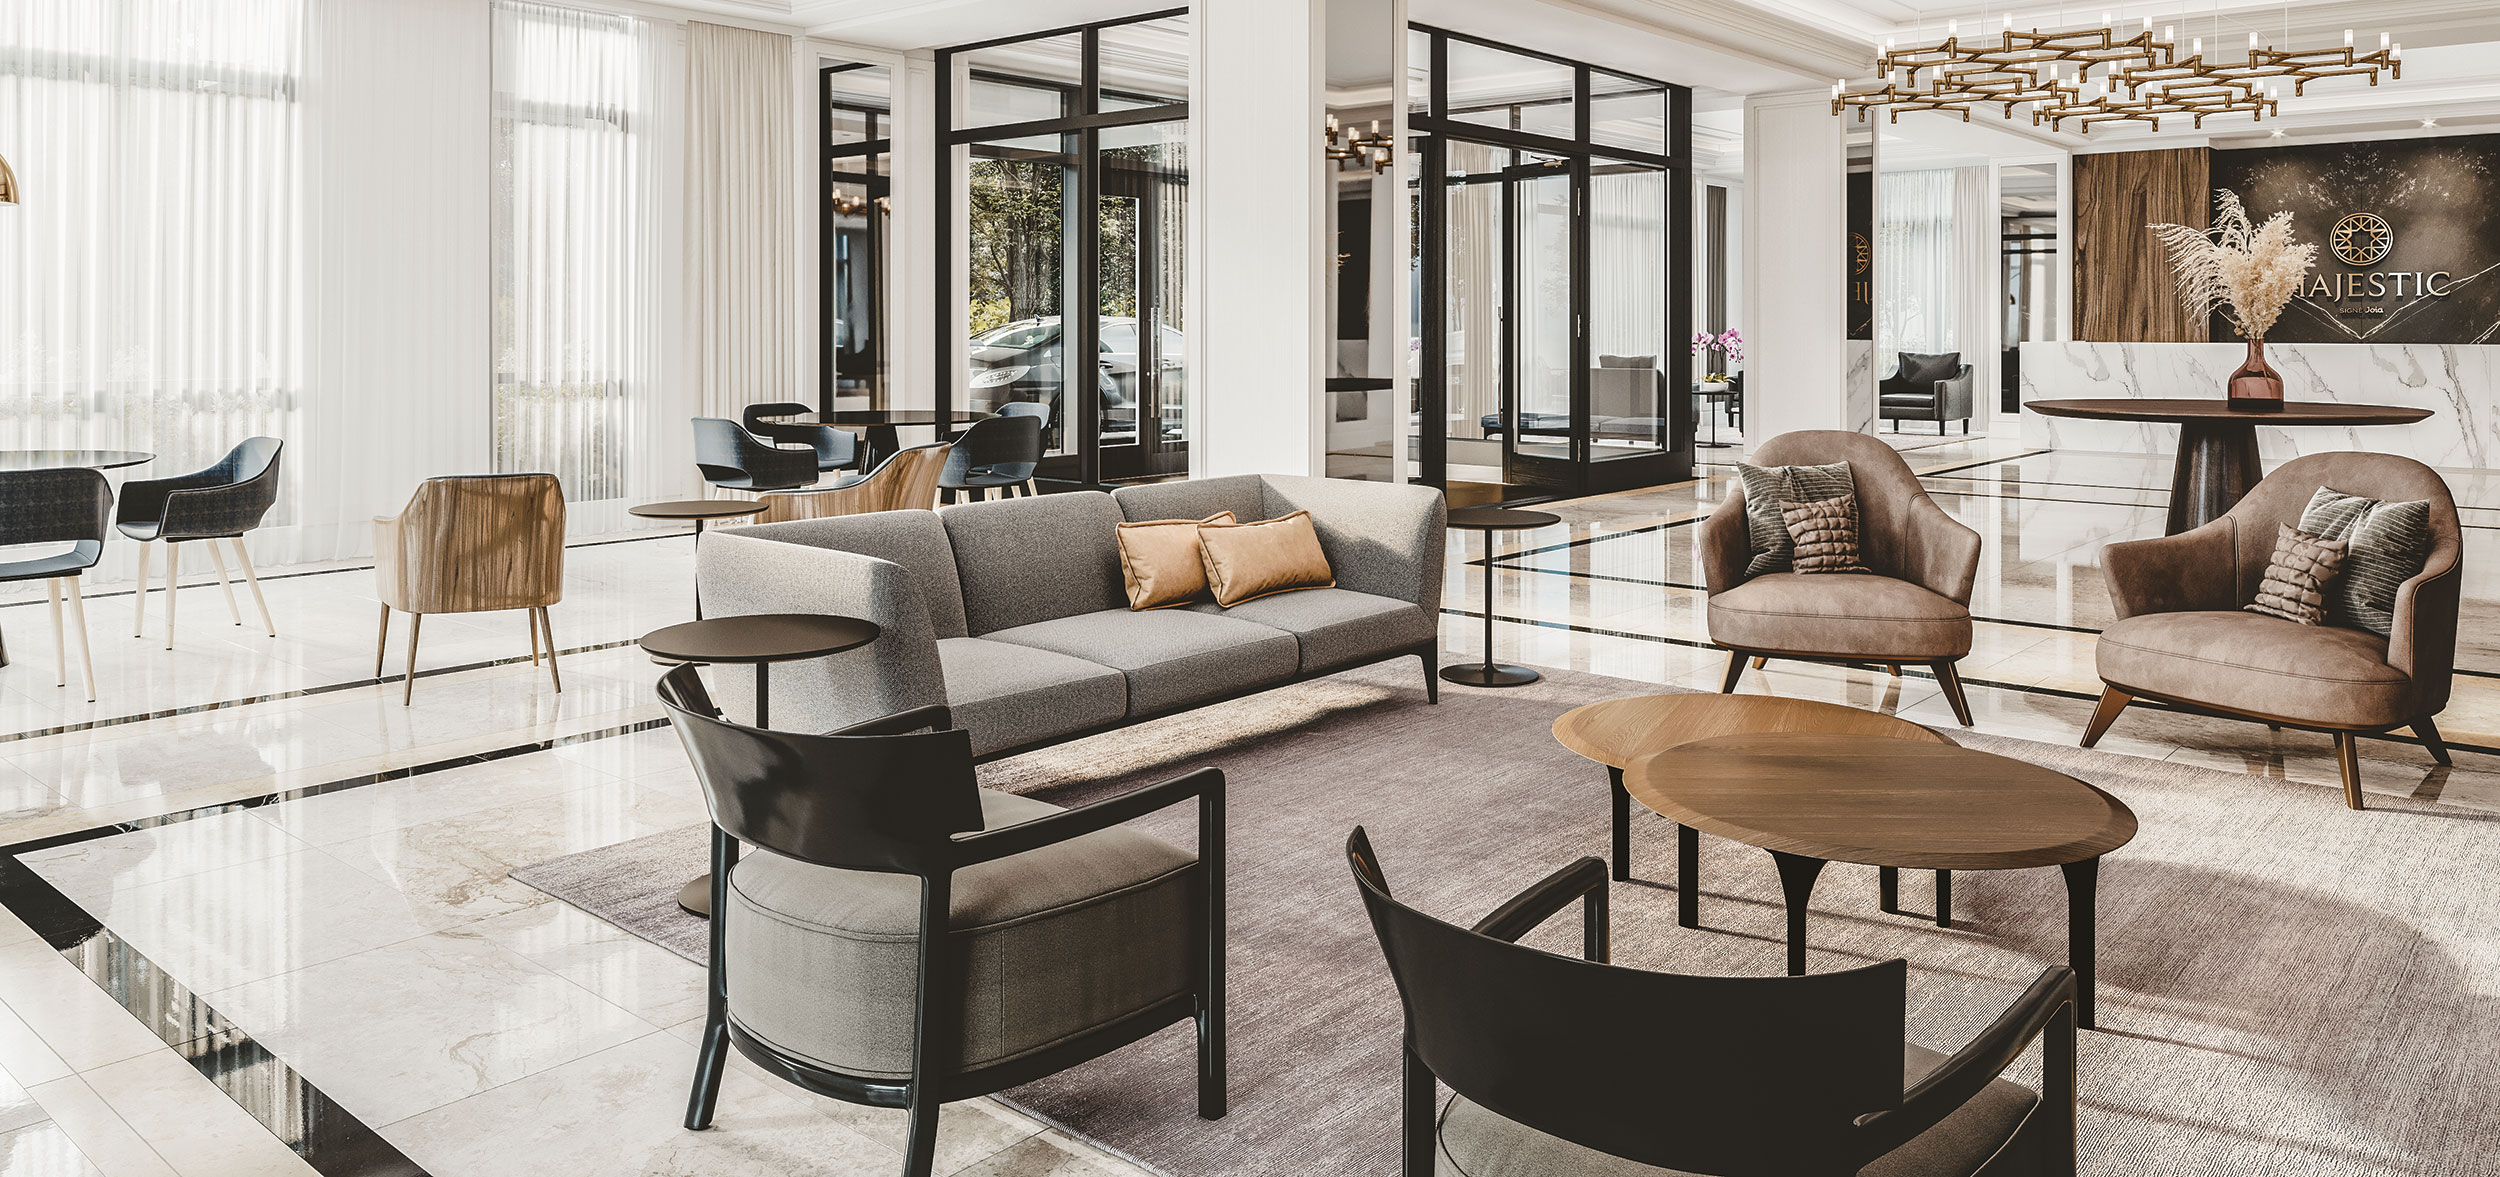 Salon de luxe Majestic JOIA